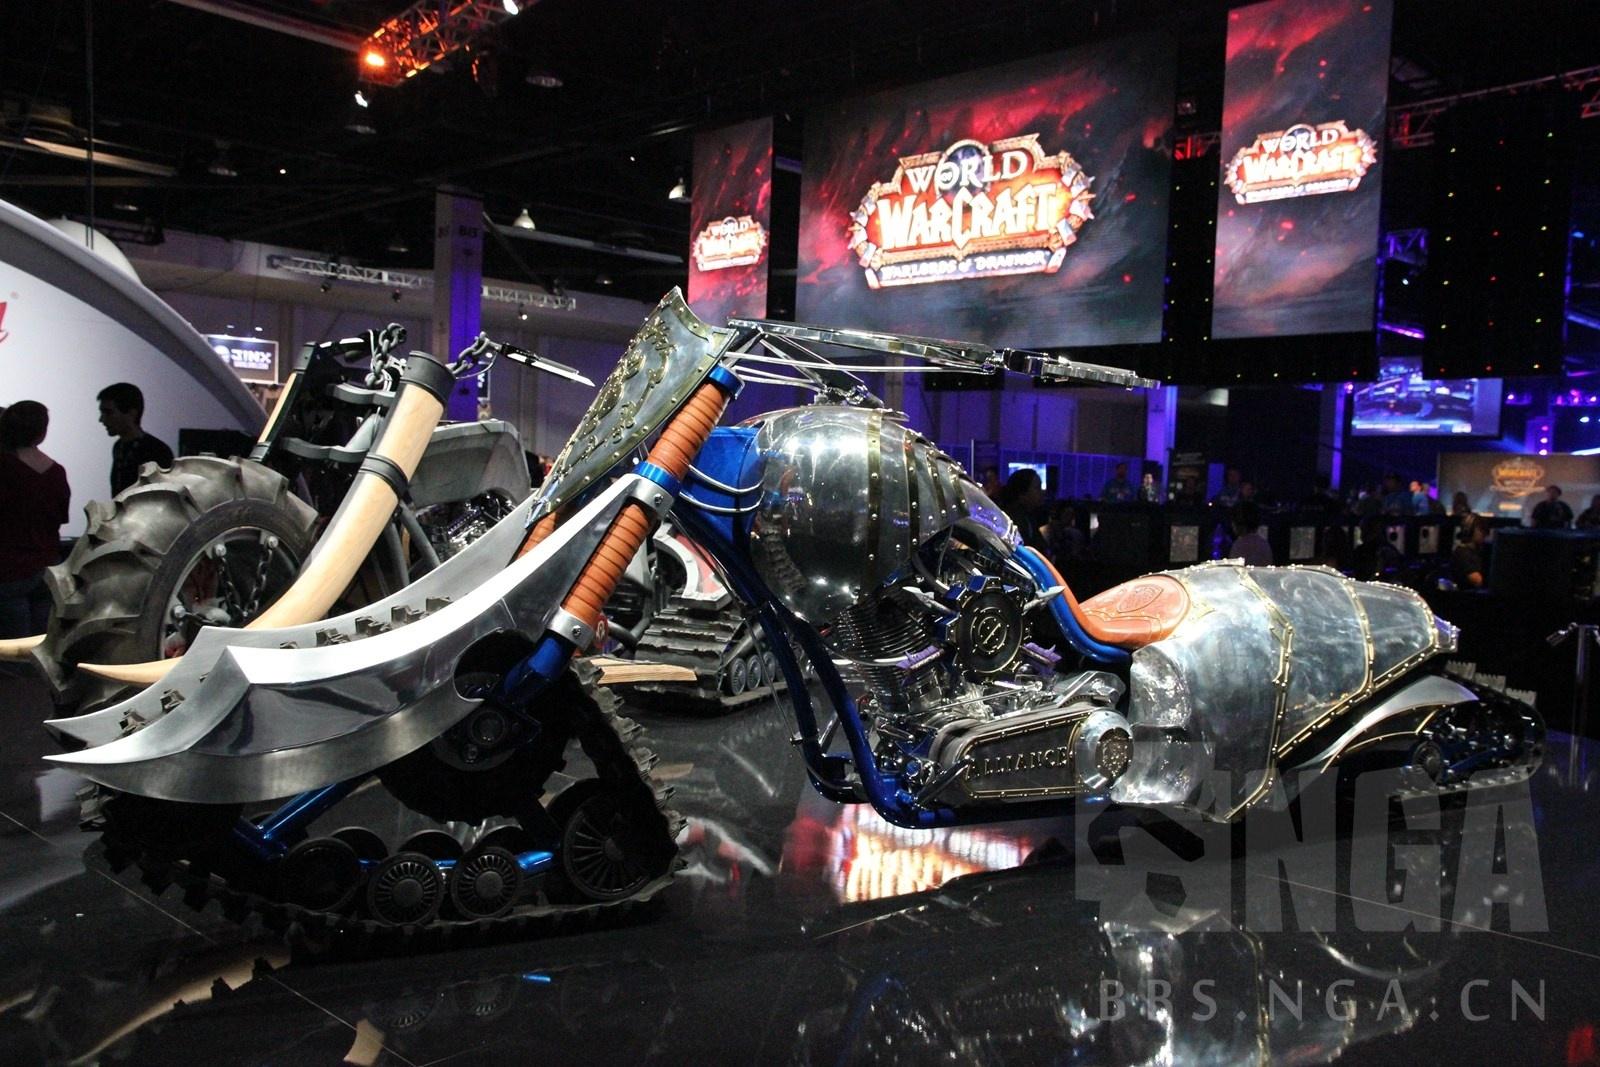 大神手工打造联盟摩托车勇士的践踏之刃模型